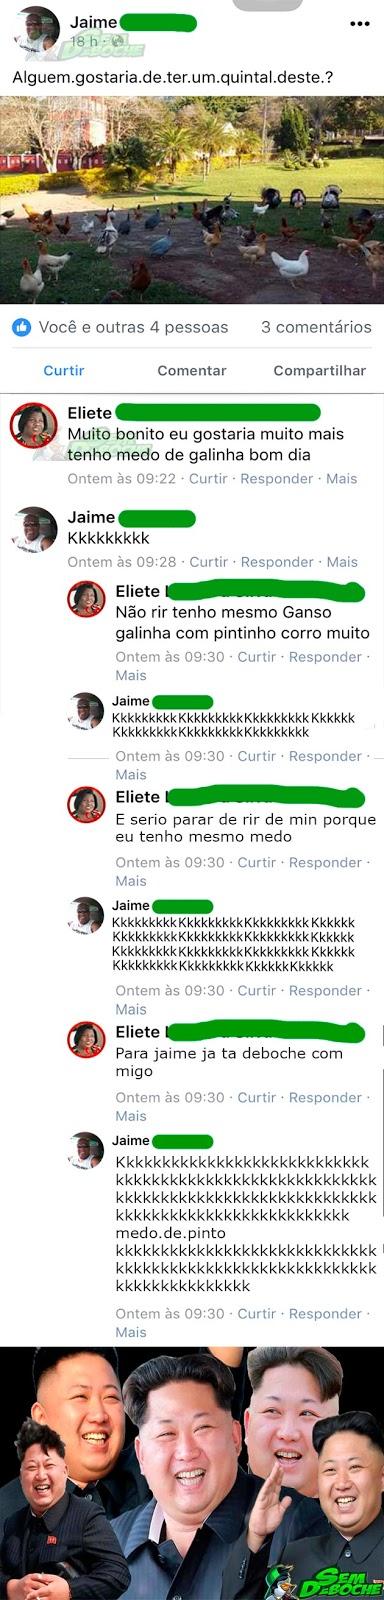 MEDO DE GALINHA